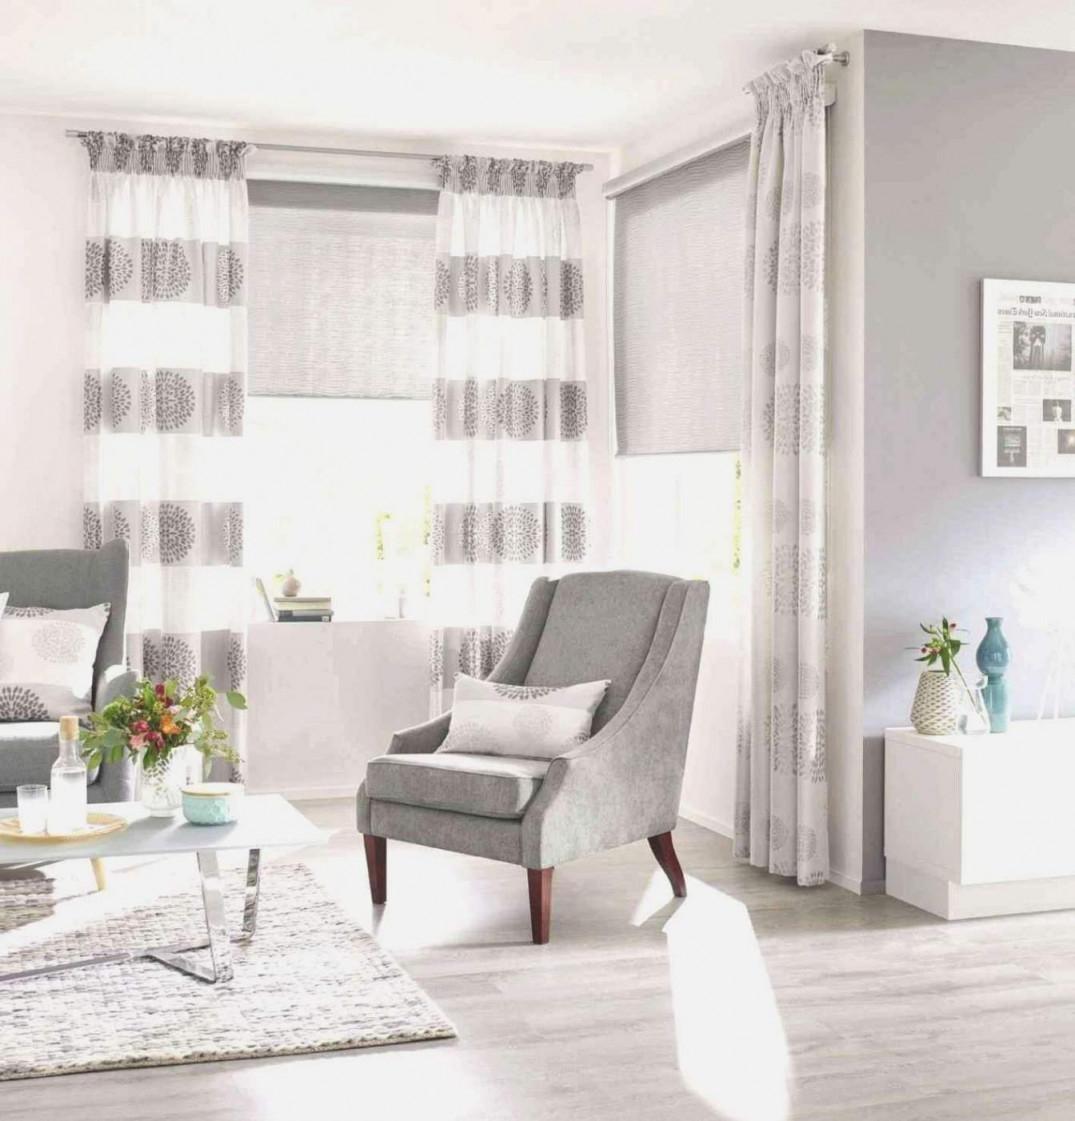 Moderne Wohnzimmer Gardinen Fur Kleine Fenster – Caseconrad von Moderne Wohnzimmer Gardinen Bild